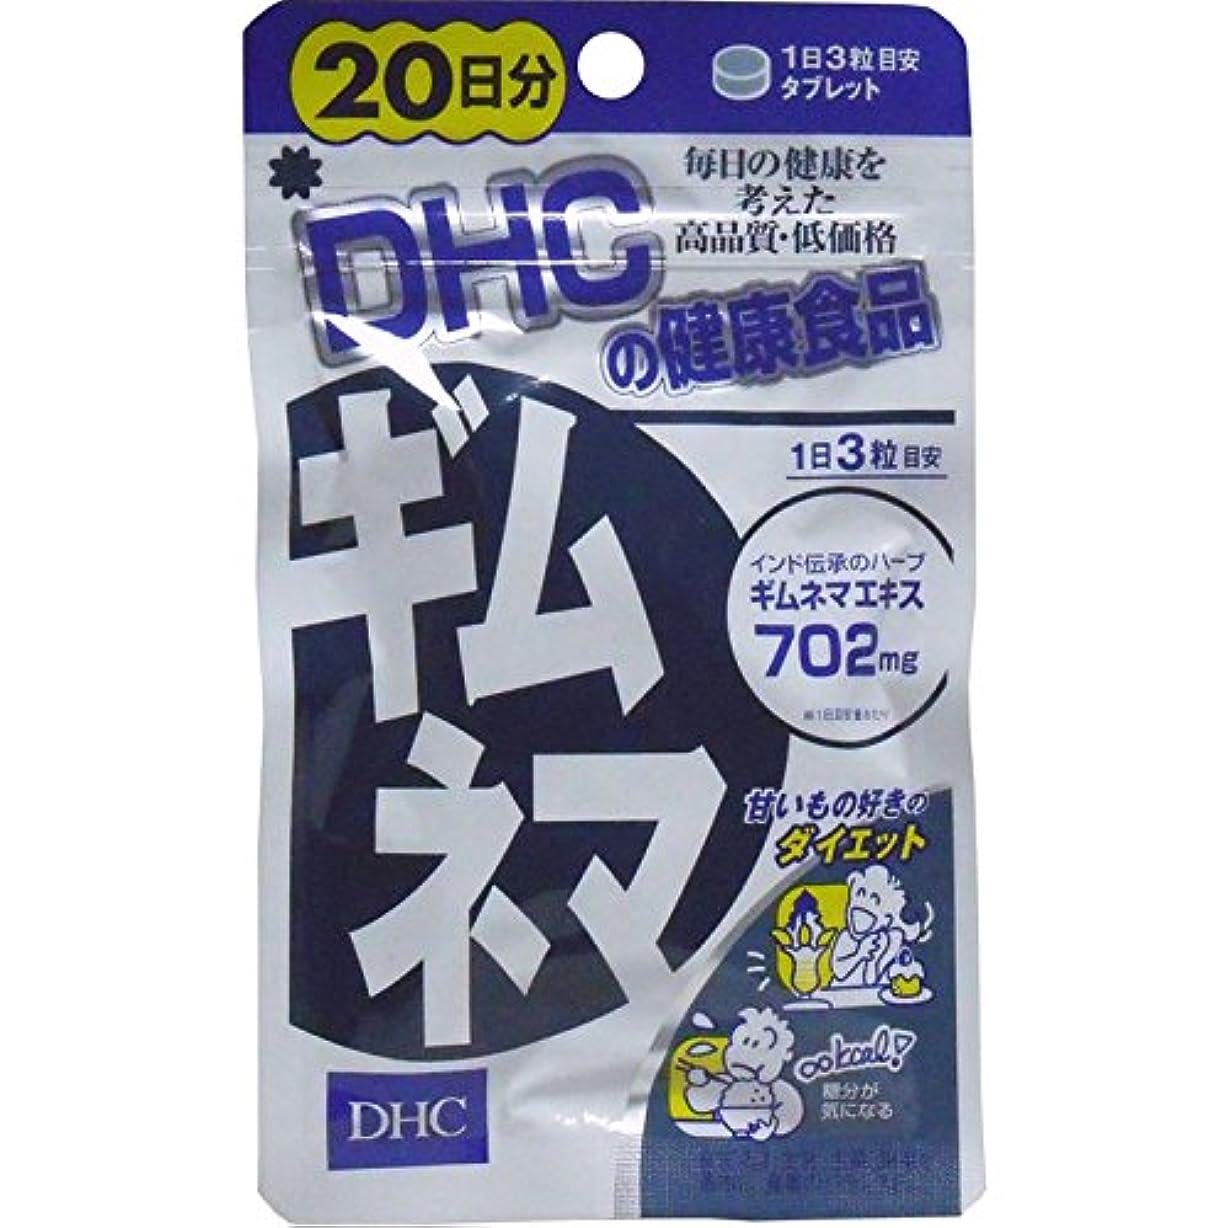 私の日食シェルターダイエット 美容 健康 糖分や炭水化物を多く摂る人に 人気商品 DHC ギムネマ 20日分 60粒【2個セット】